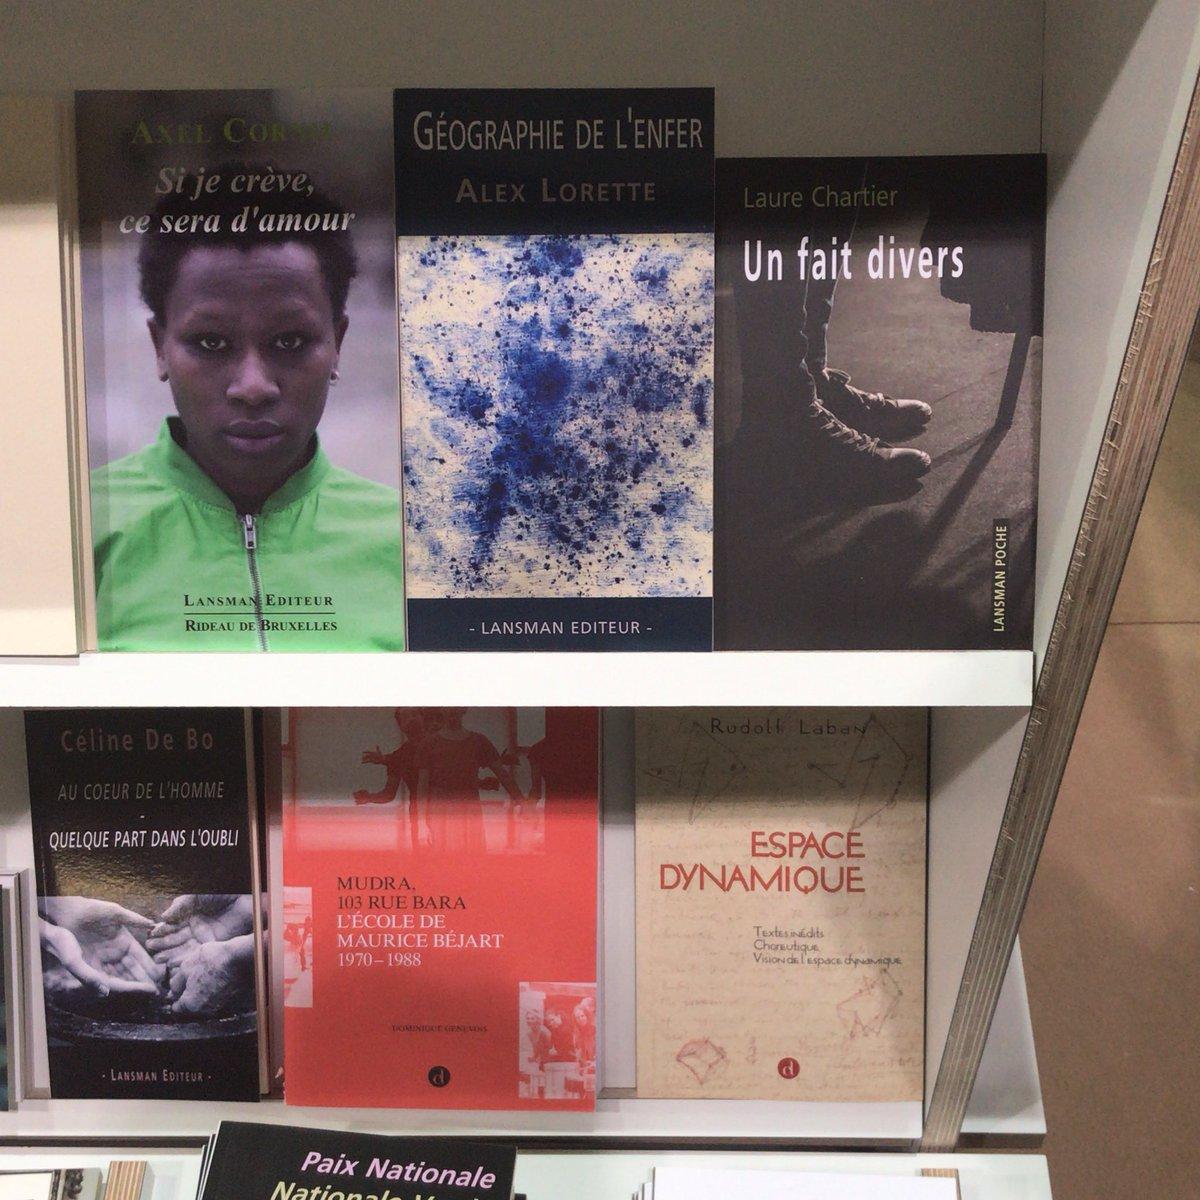 «Un fait divers» de Laure Chartier publié chez Lansman @INFOTHEATRE est à découvrir sur le stand de la Fédération Wallonie-Bruxelles à la @foirelivrebxl parmi d'autres jeunes auteur.trice.s ! #FLB19